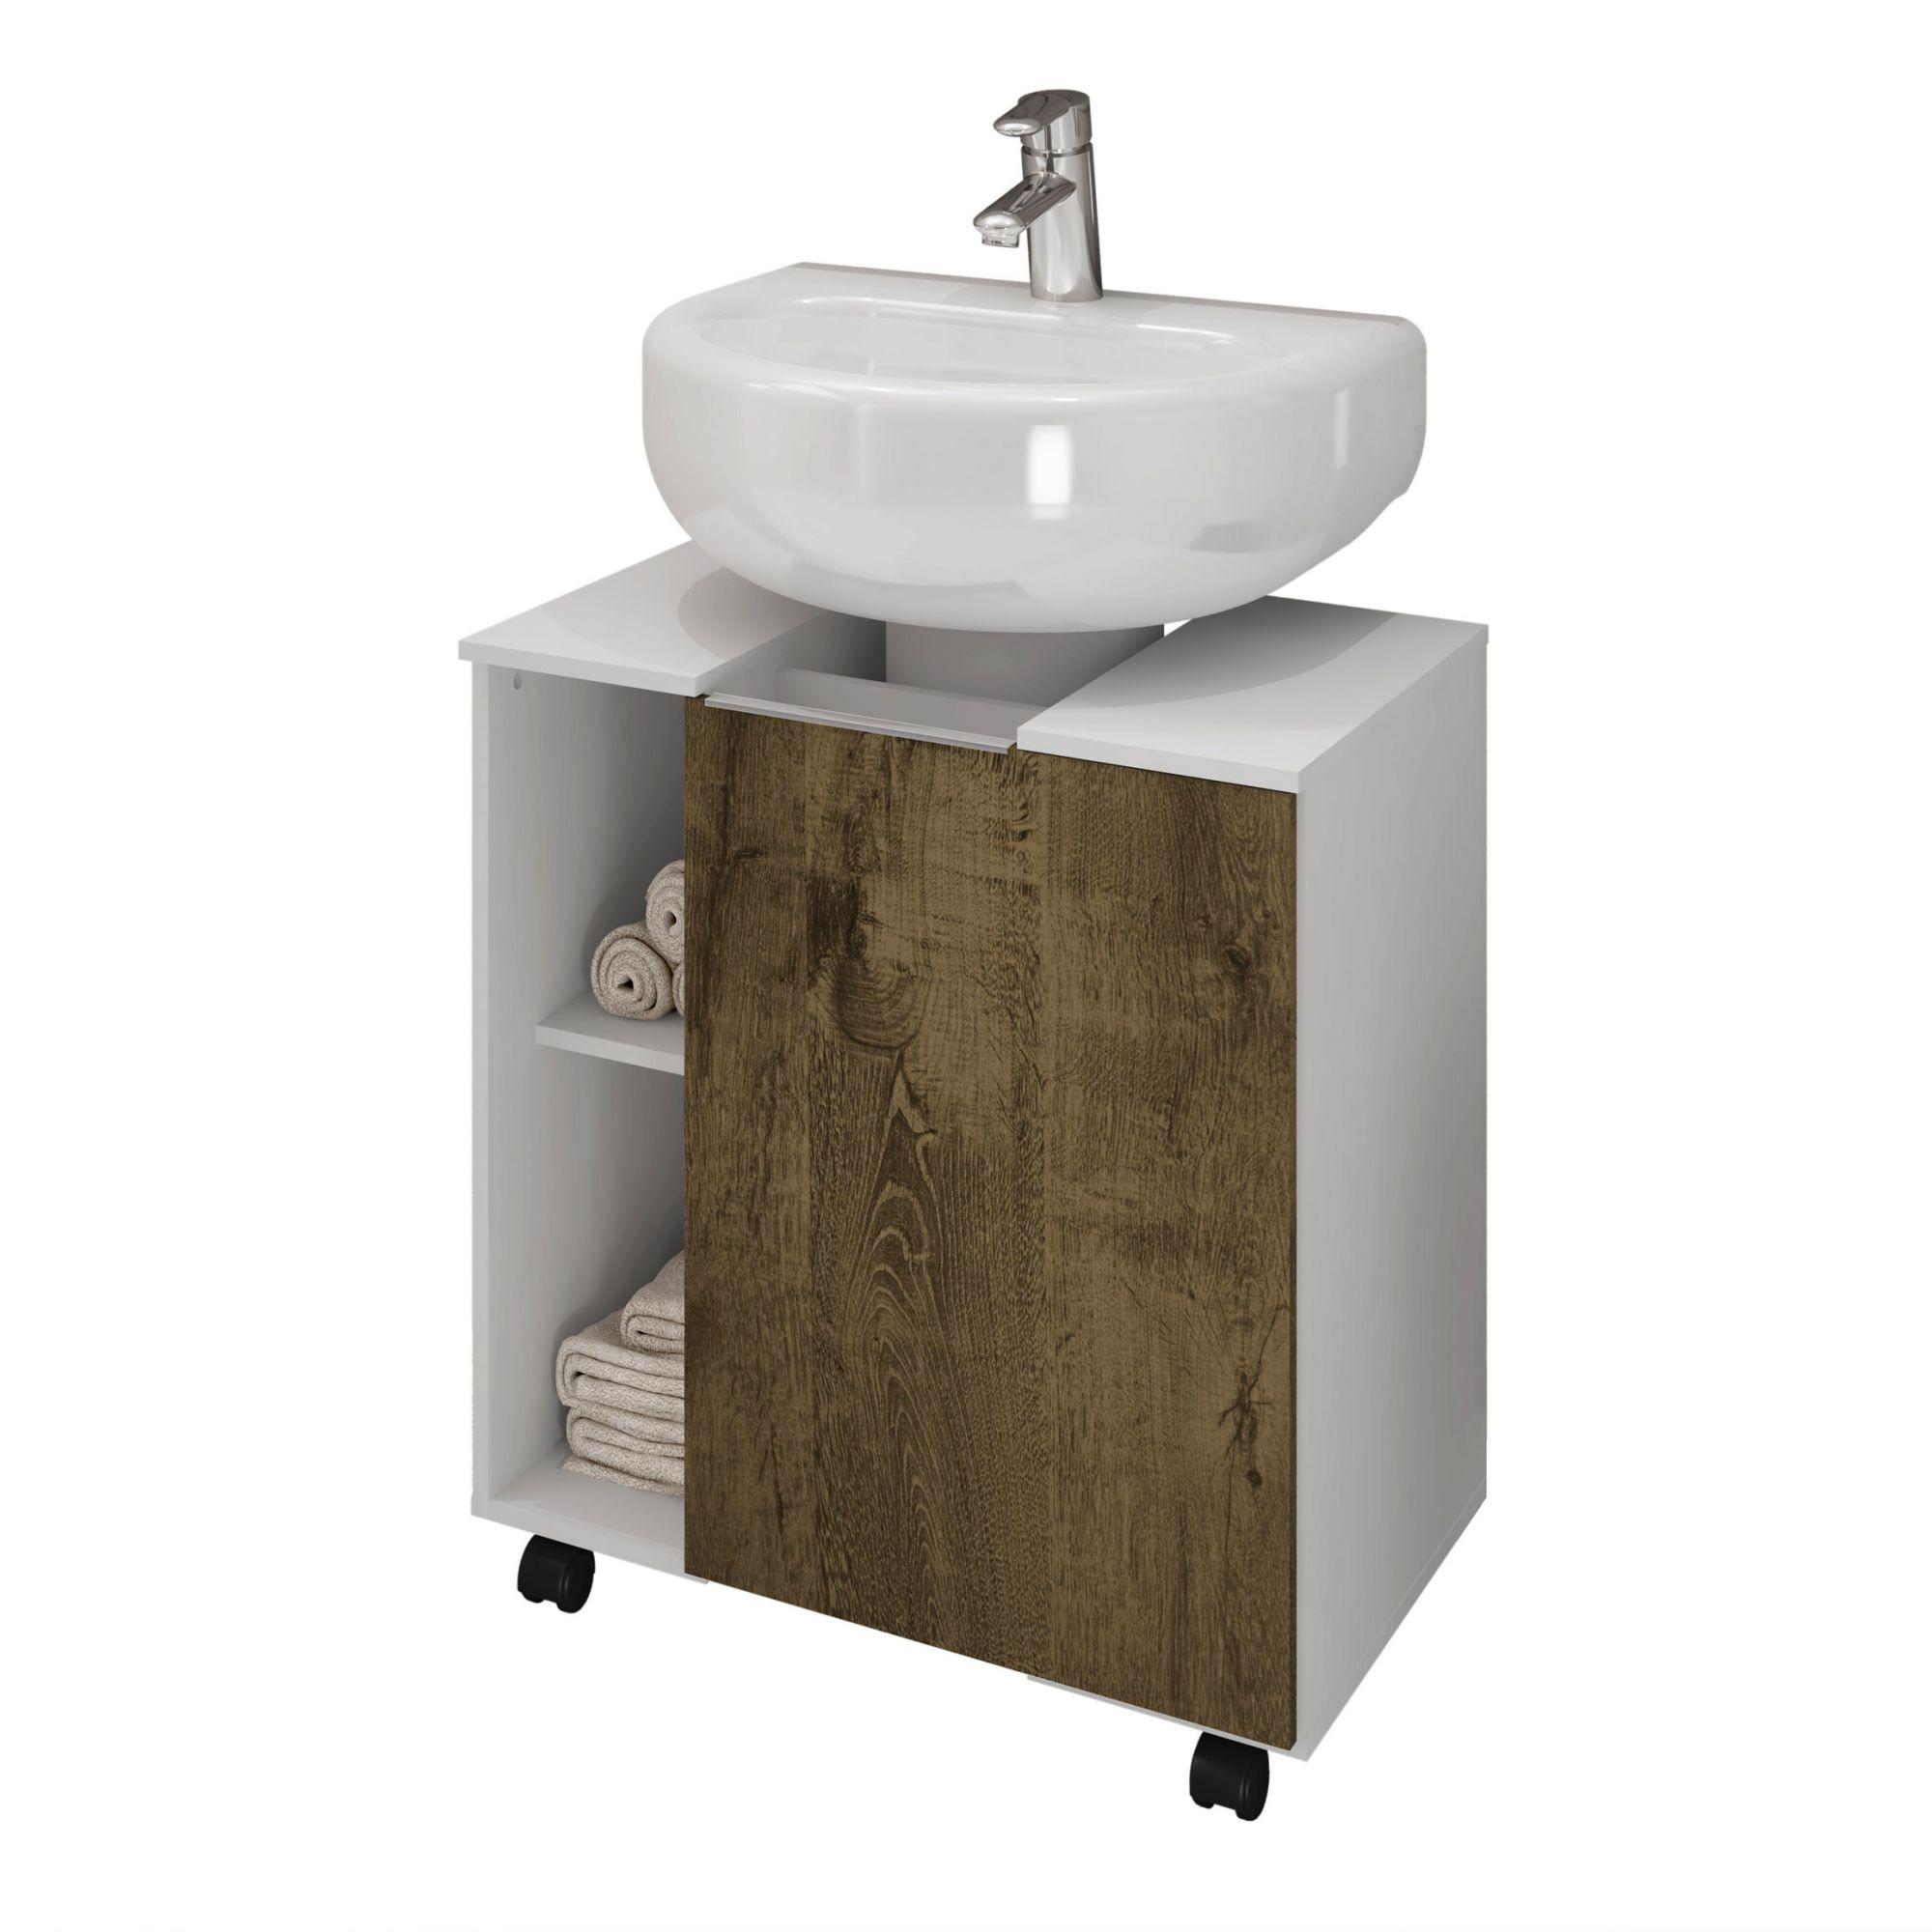 Gabinete para Banheiro Pequim Branco / Madeira Rústica - Móveis Bechara